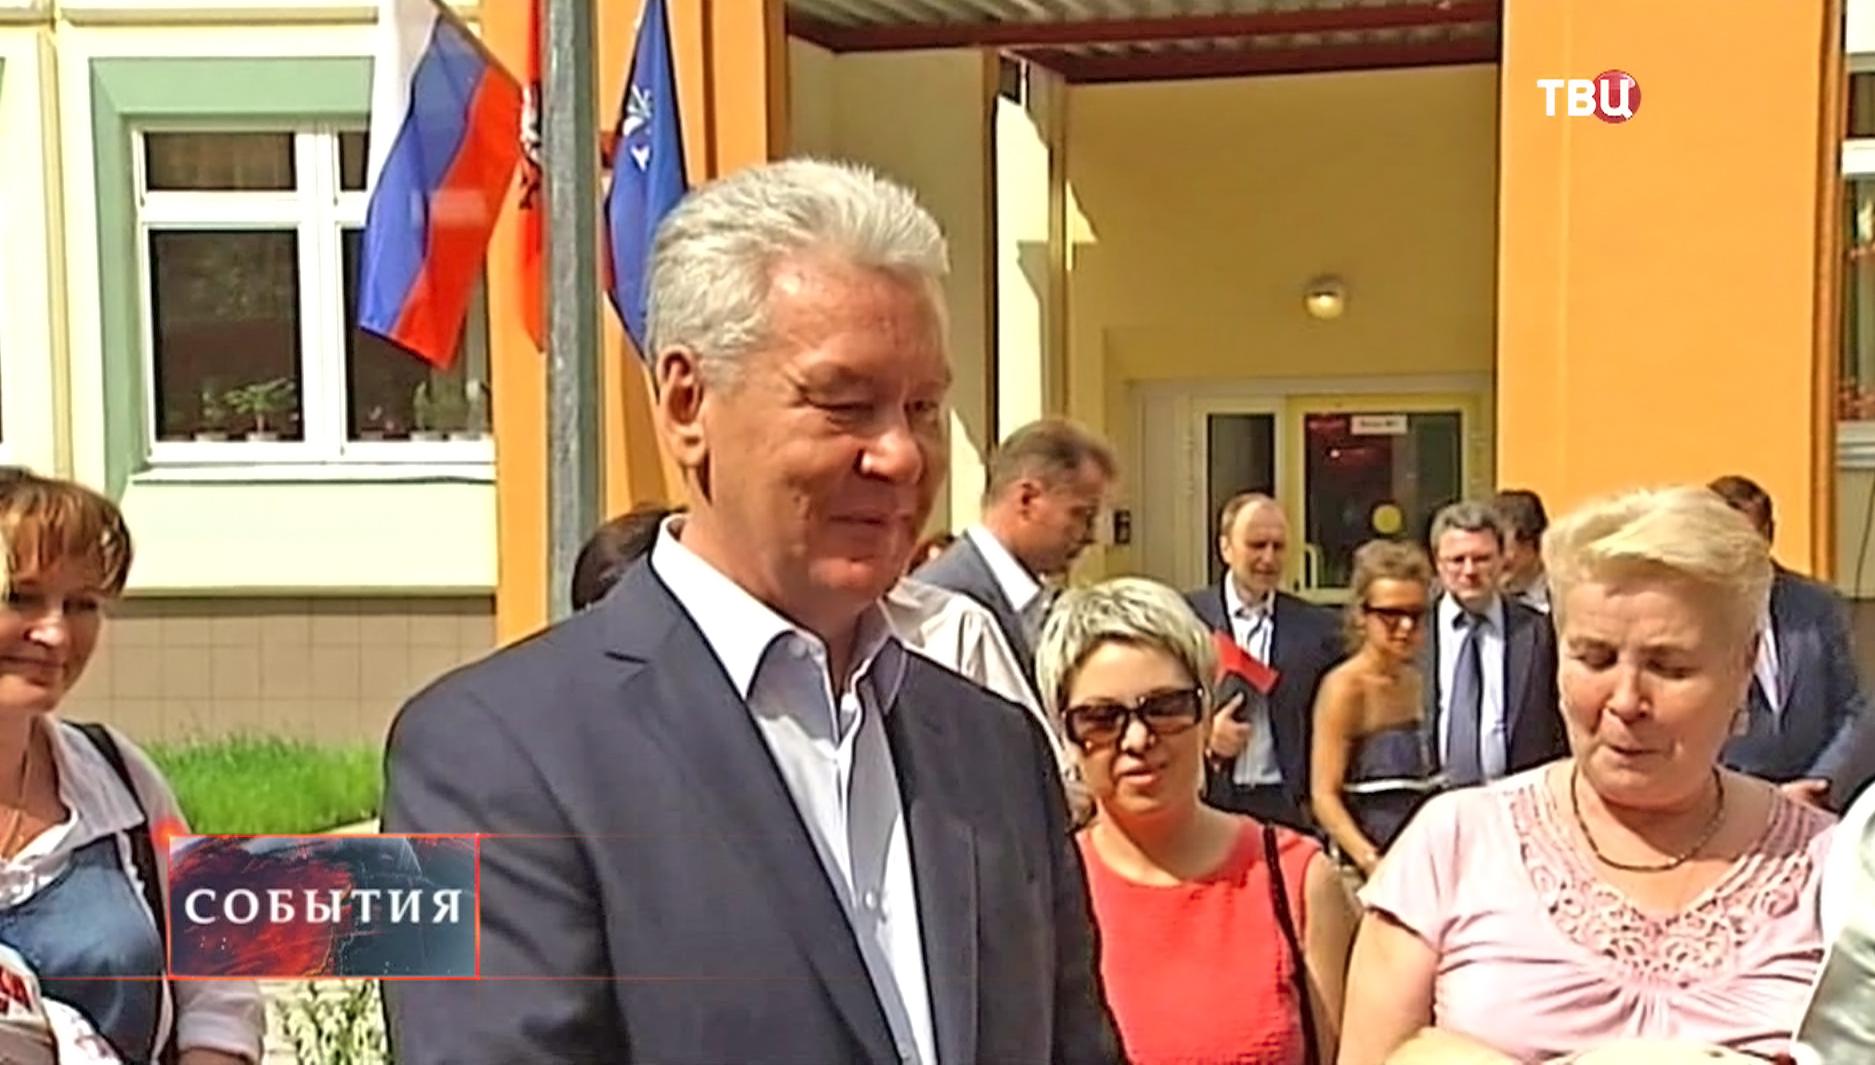 Сергей Собянин осматривает новый детский сад